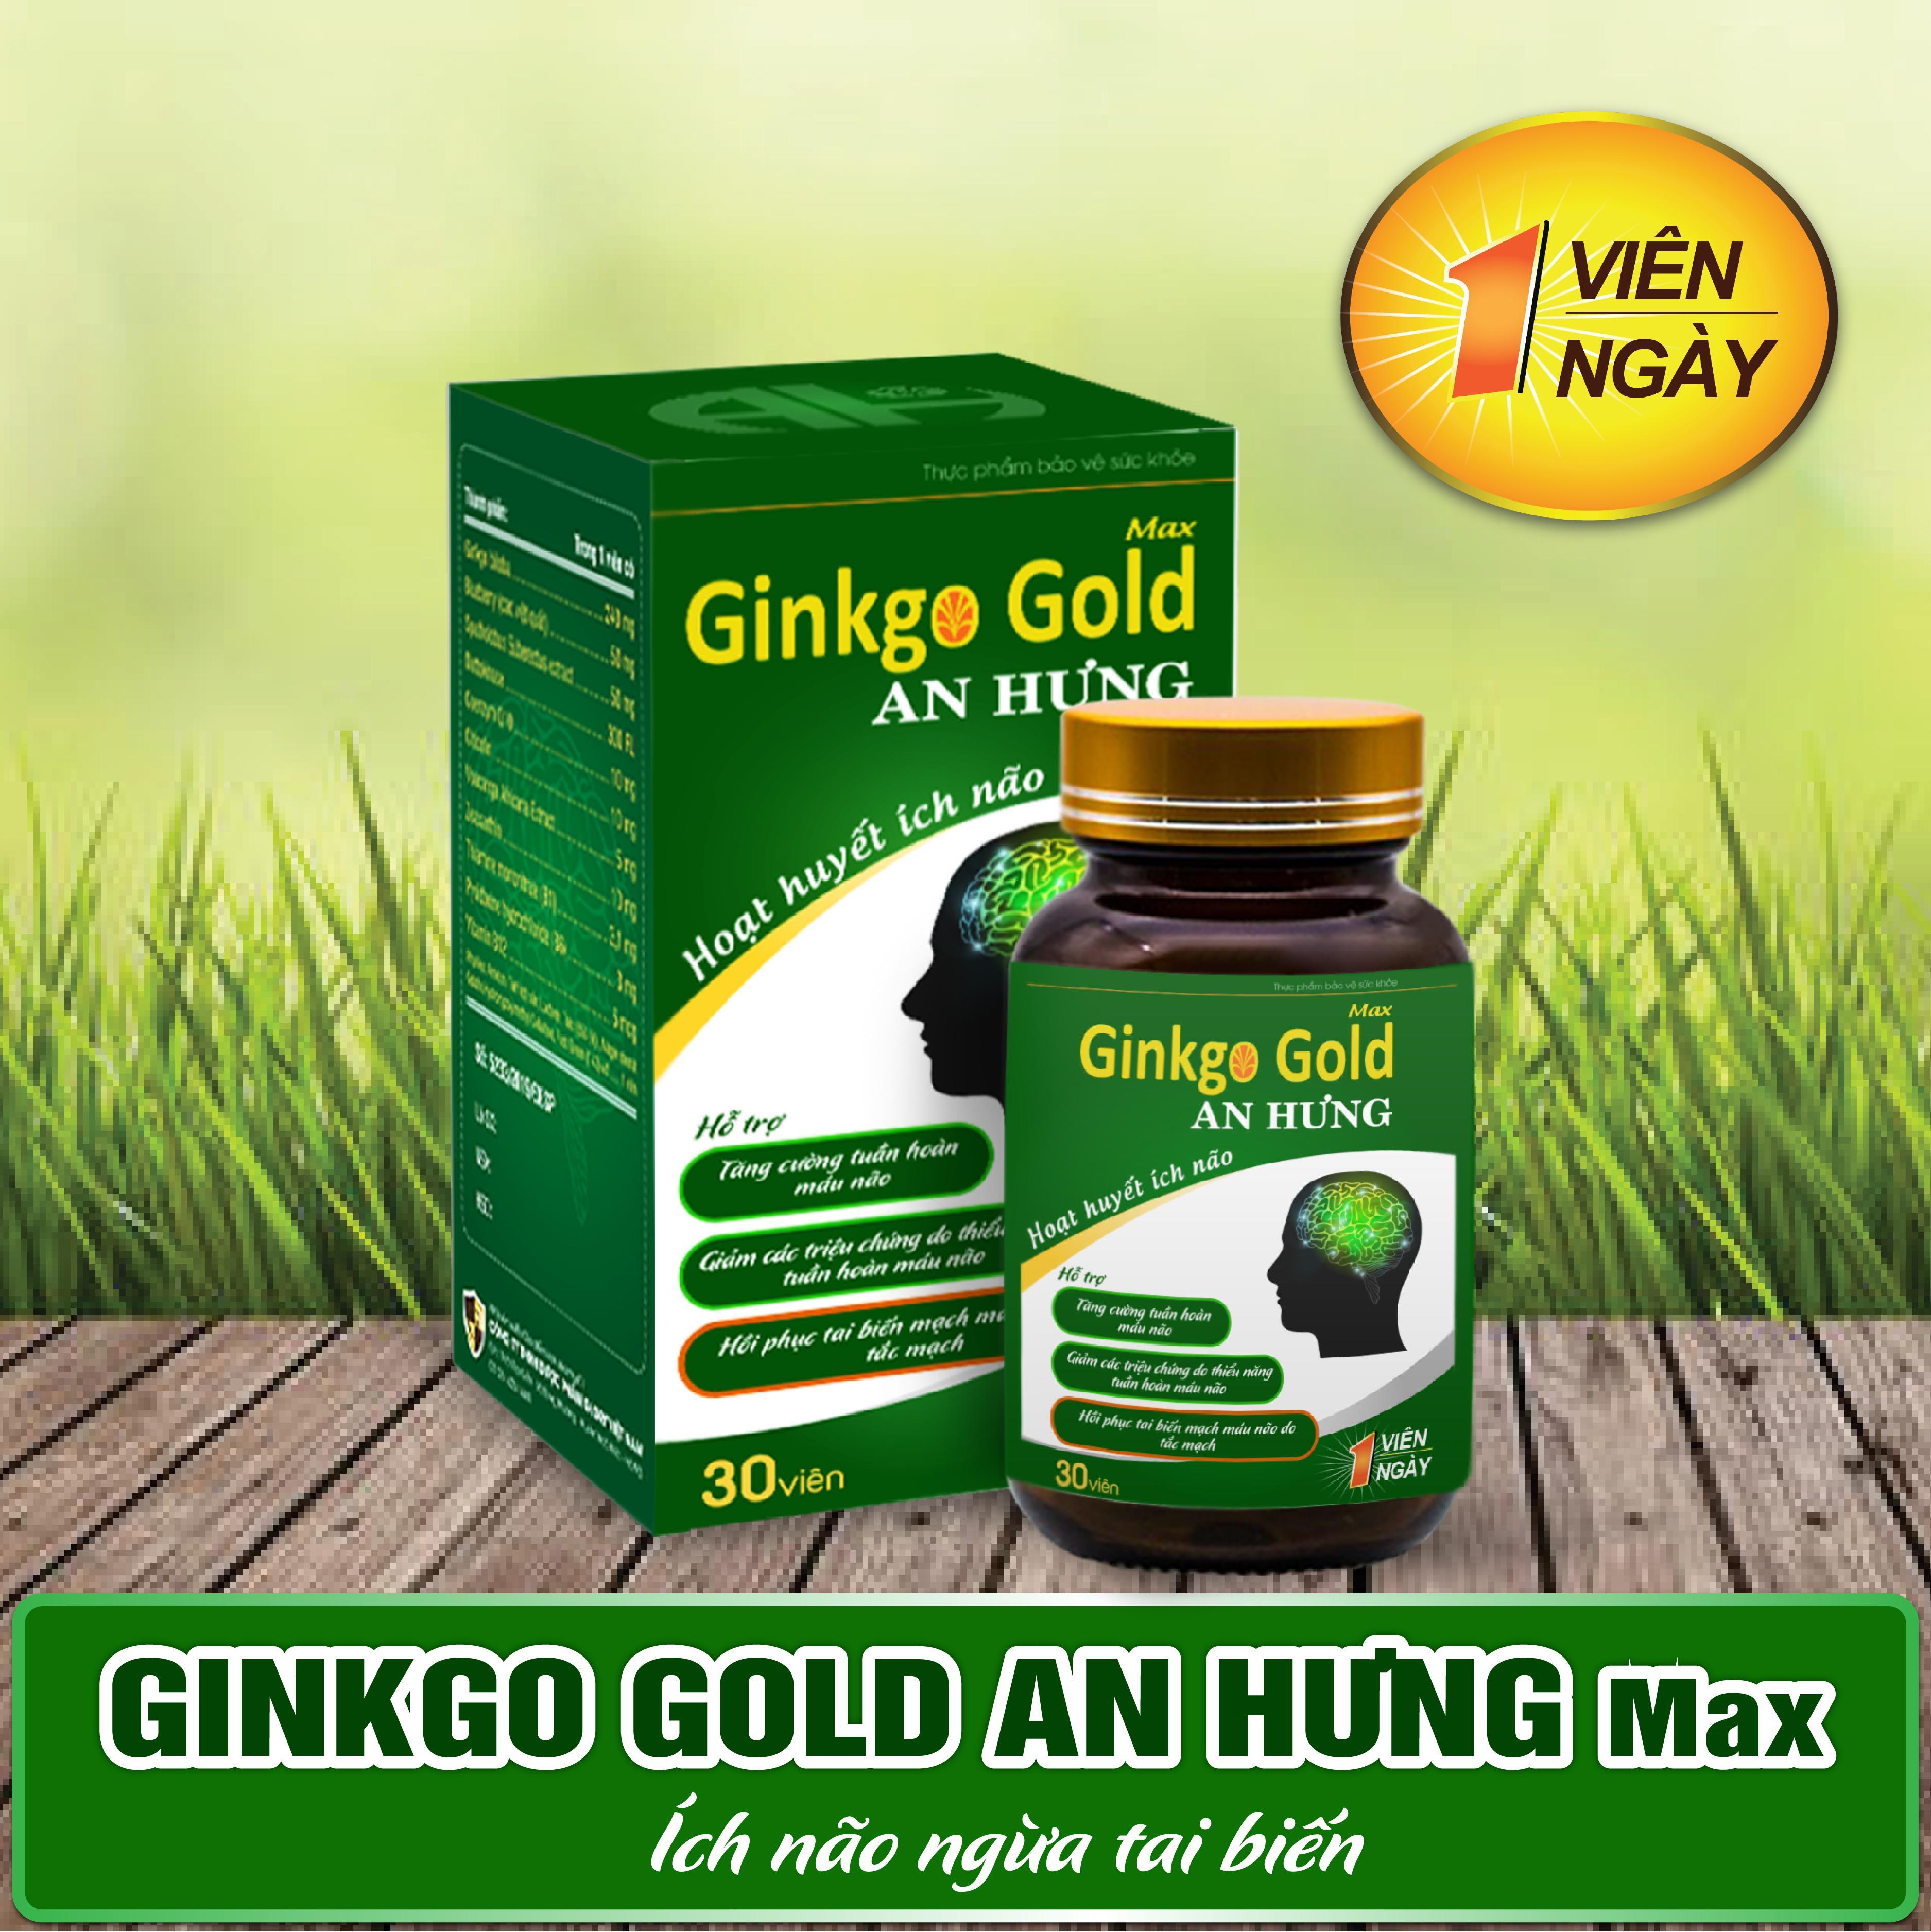 Thực phẩm bổ não Ginkgo Gold Max An Hưng cao cấp